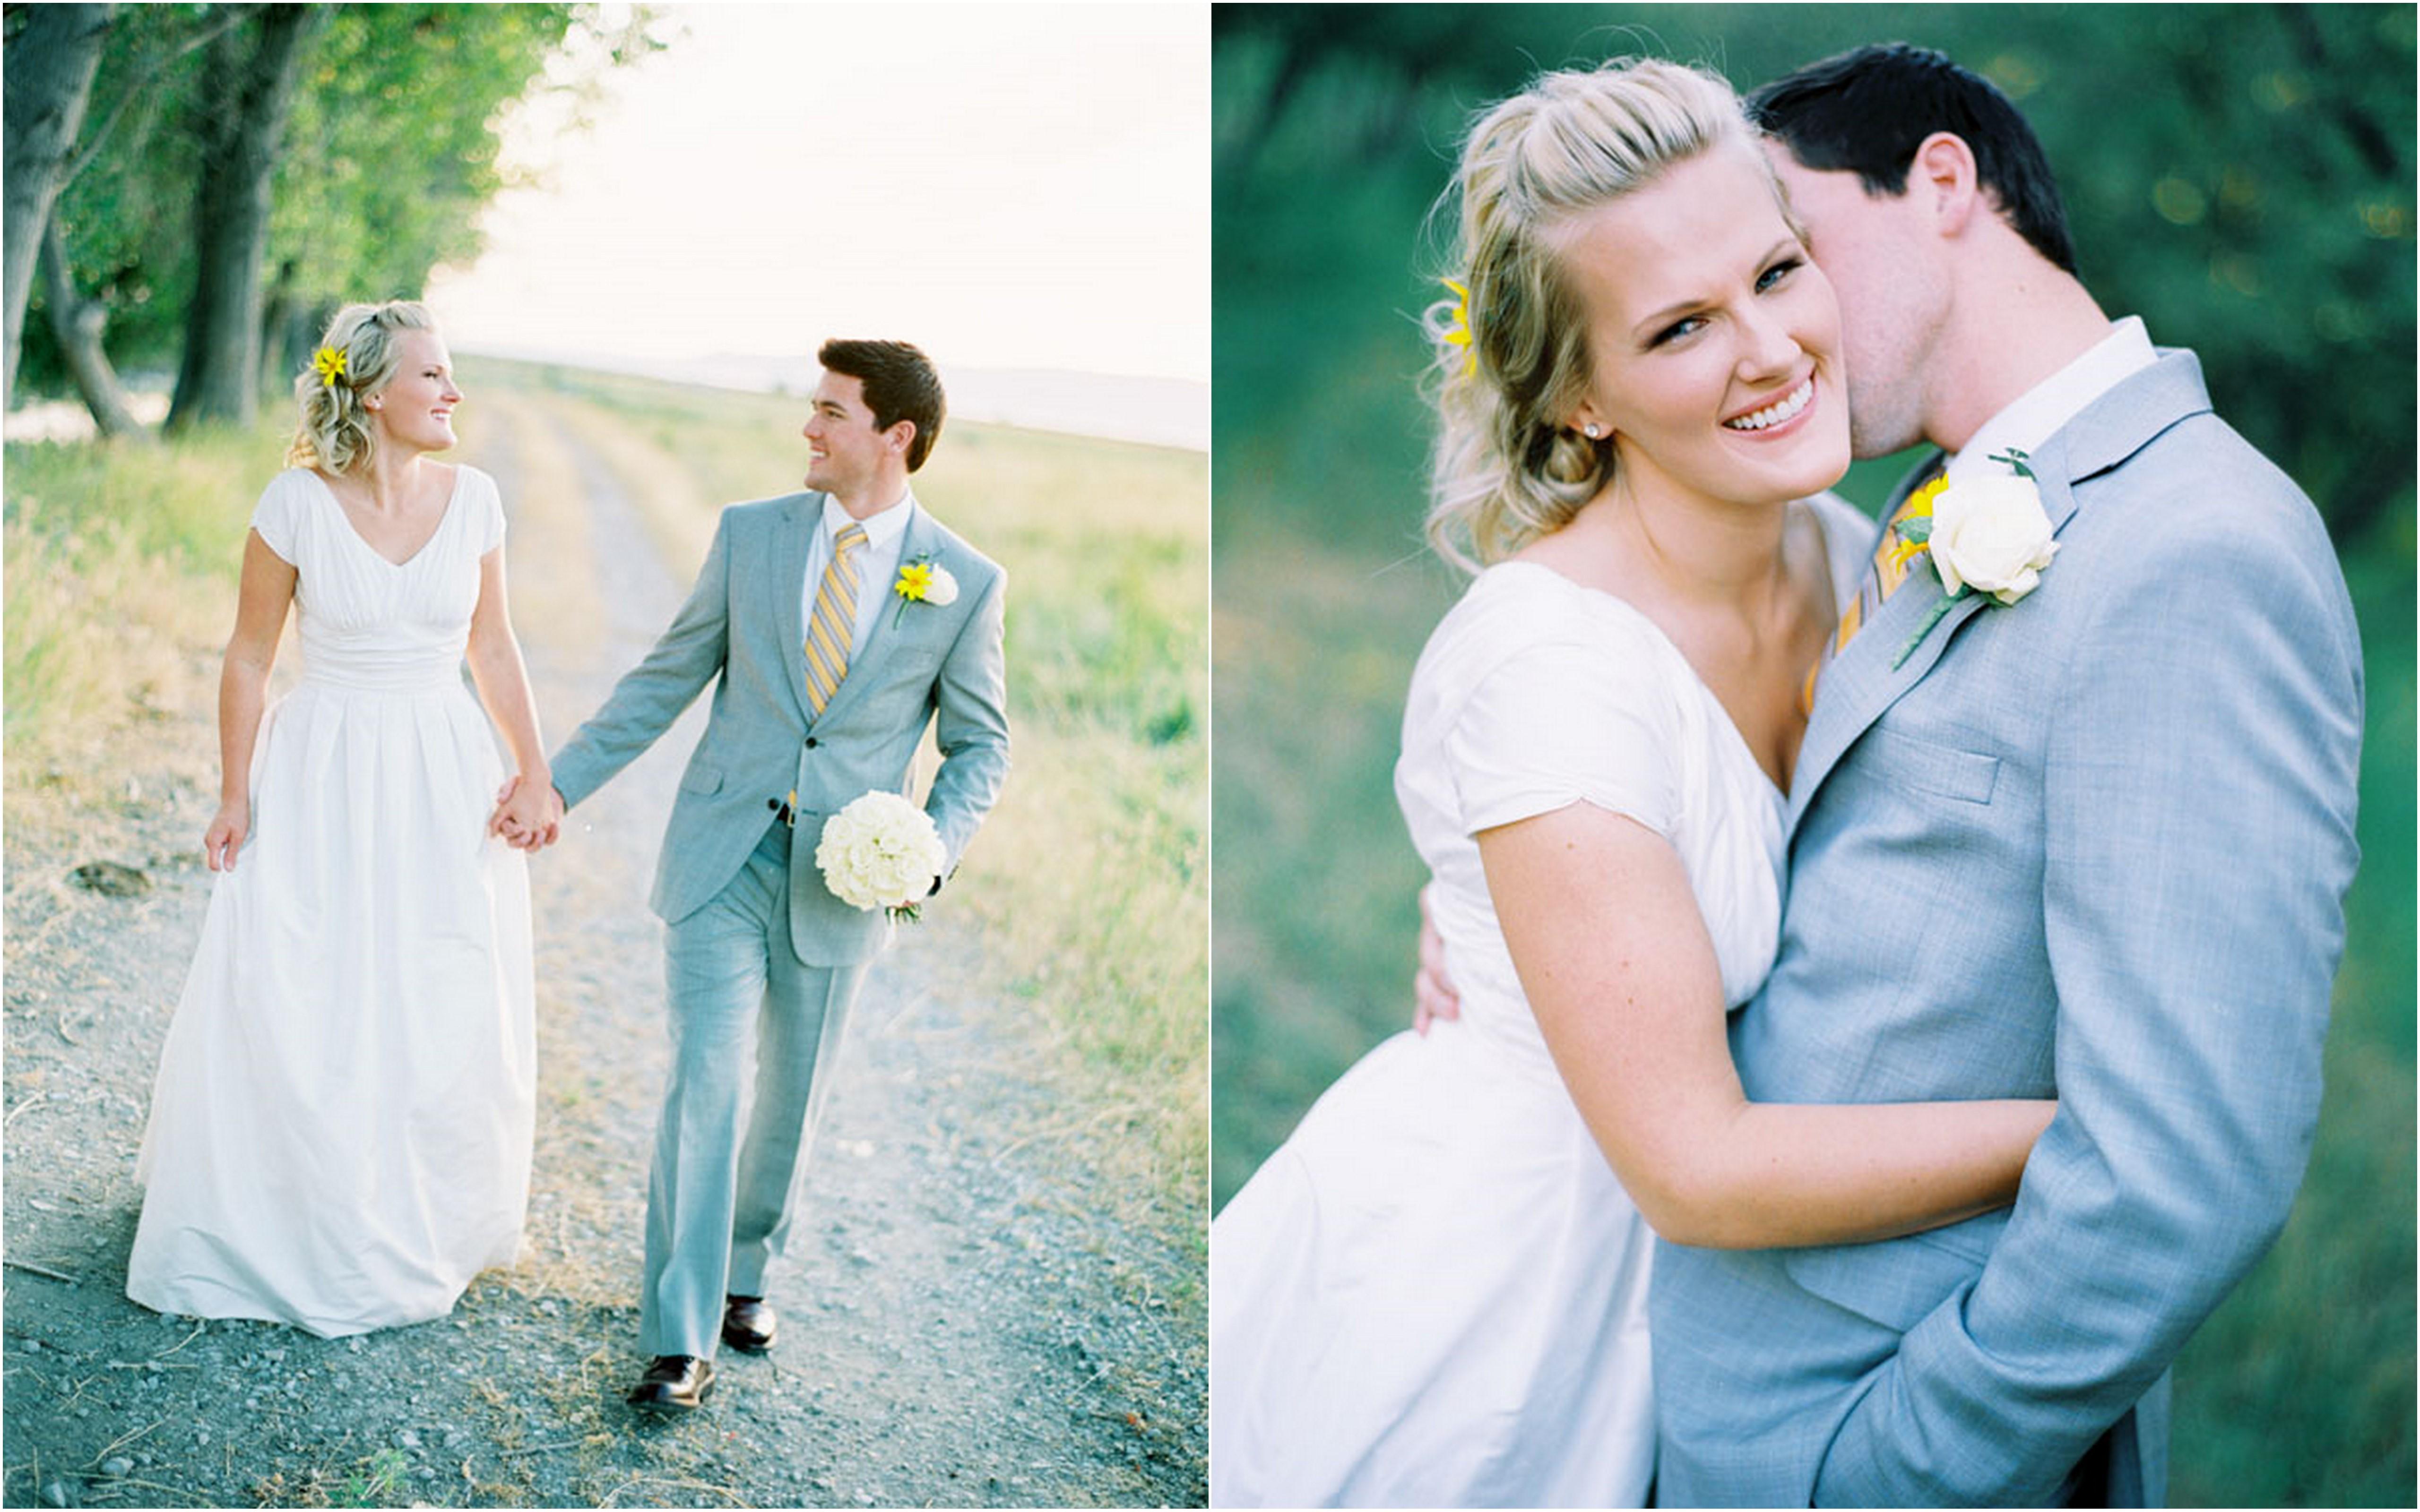 Yellow and Gray Arizona Desert Wedding - Inspired By This